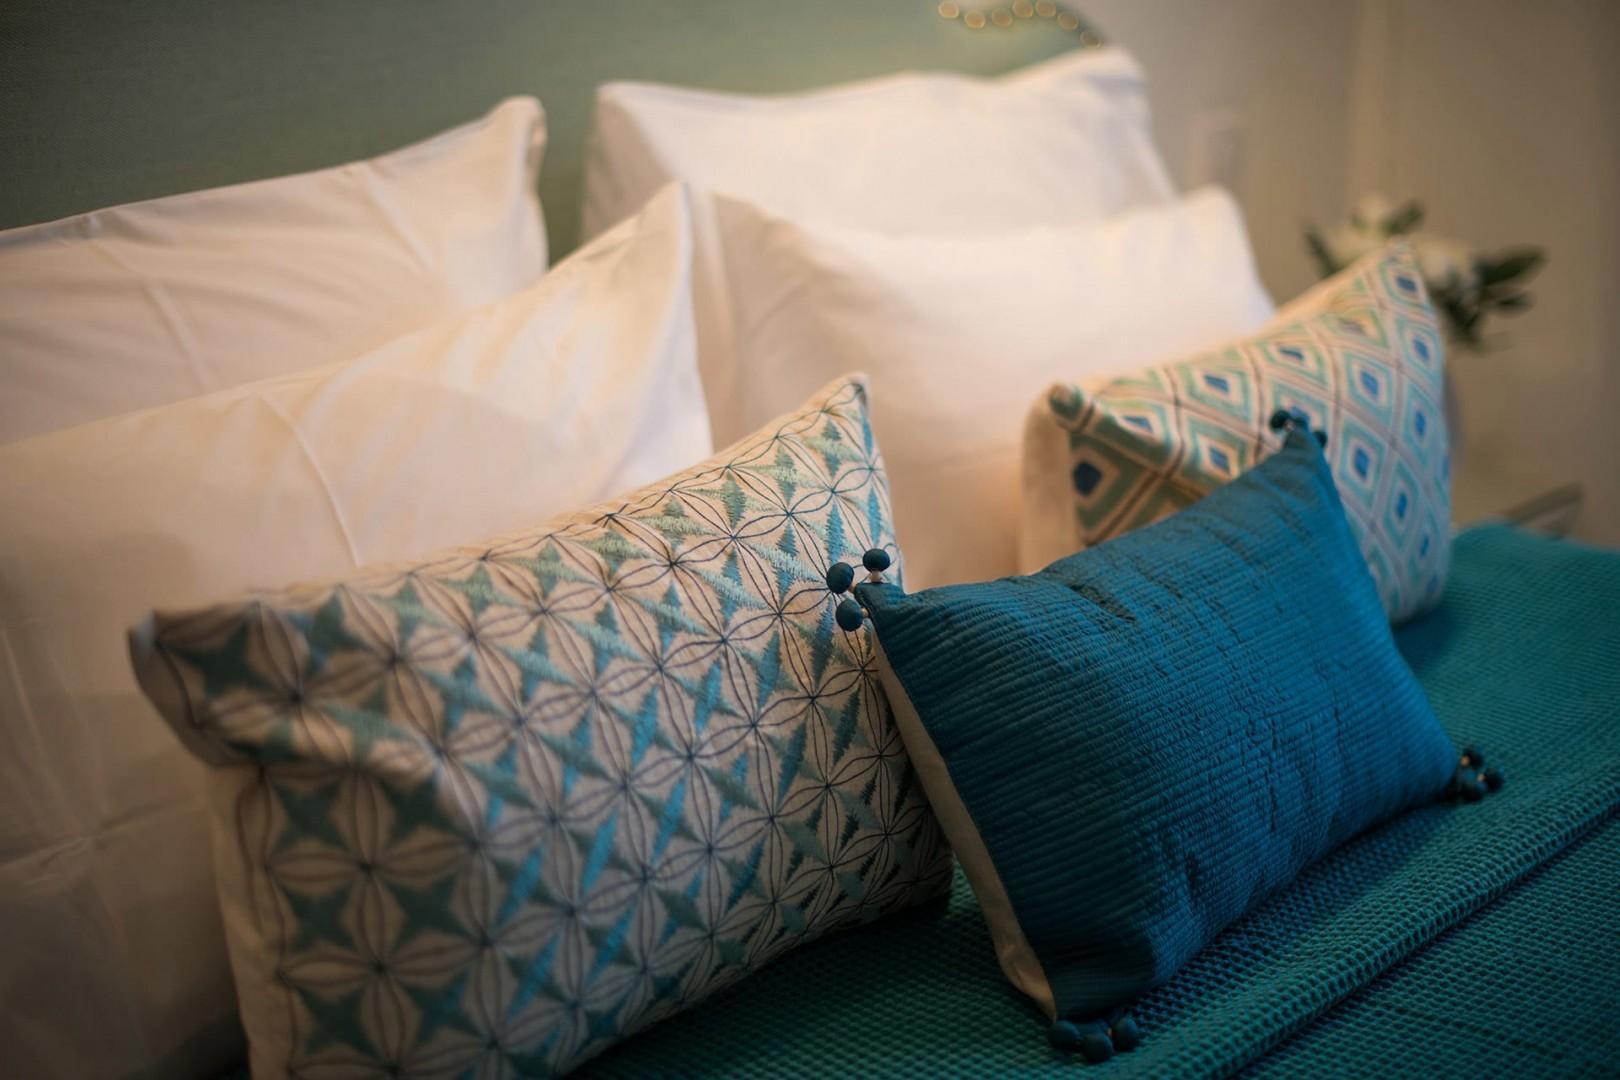 Get a good night's sleep in the cozy bedroom!